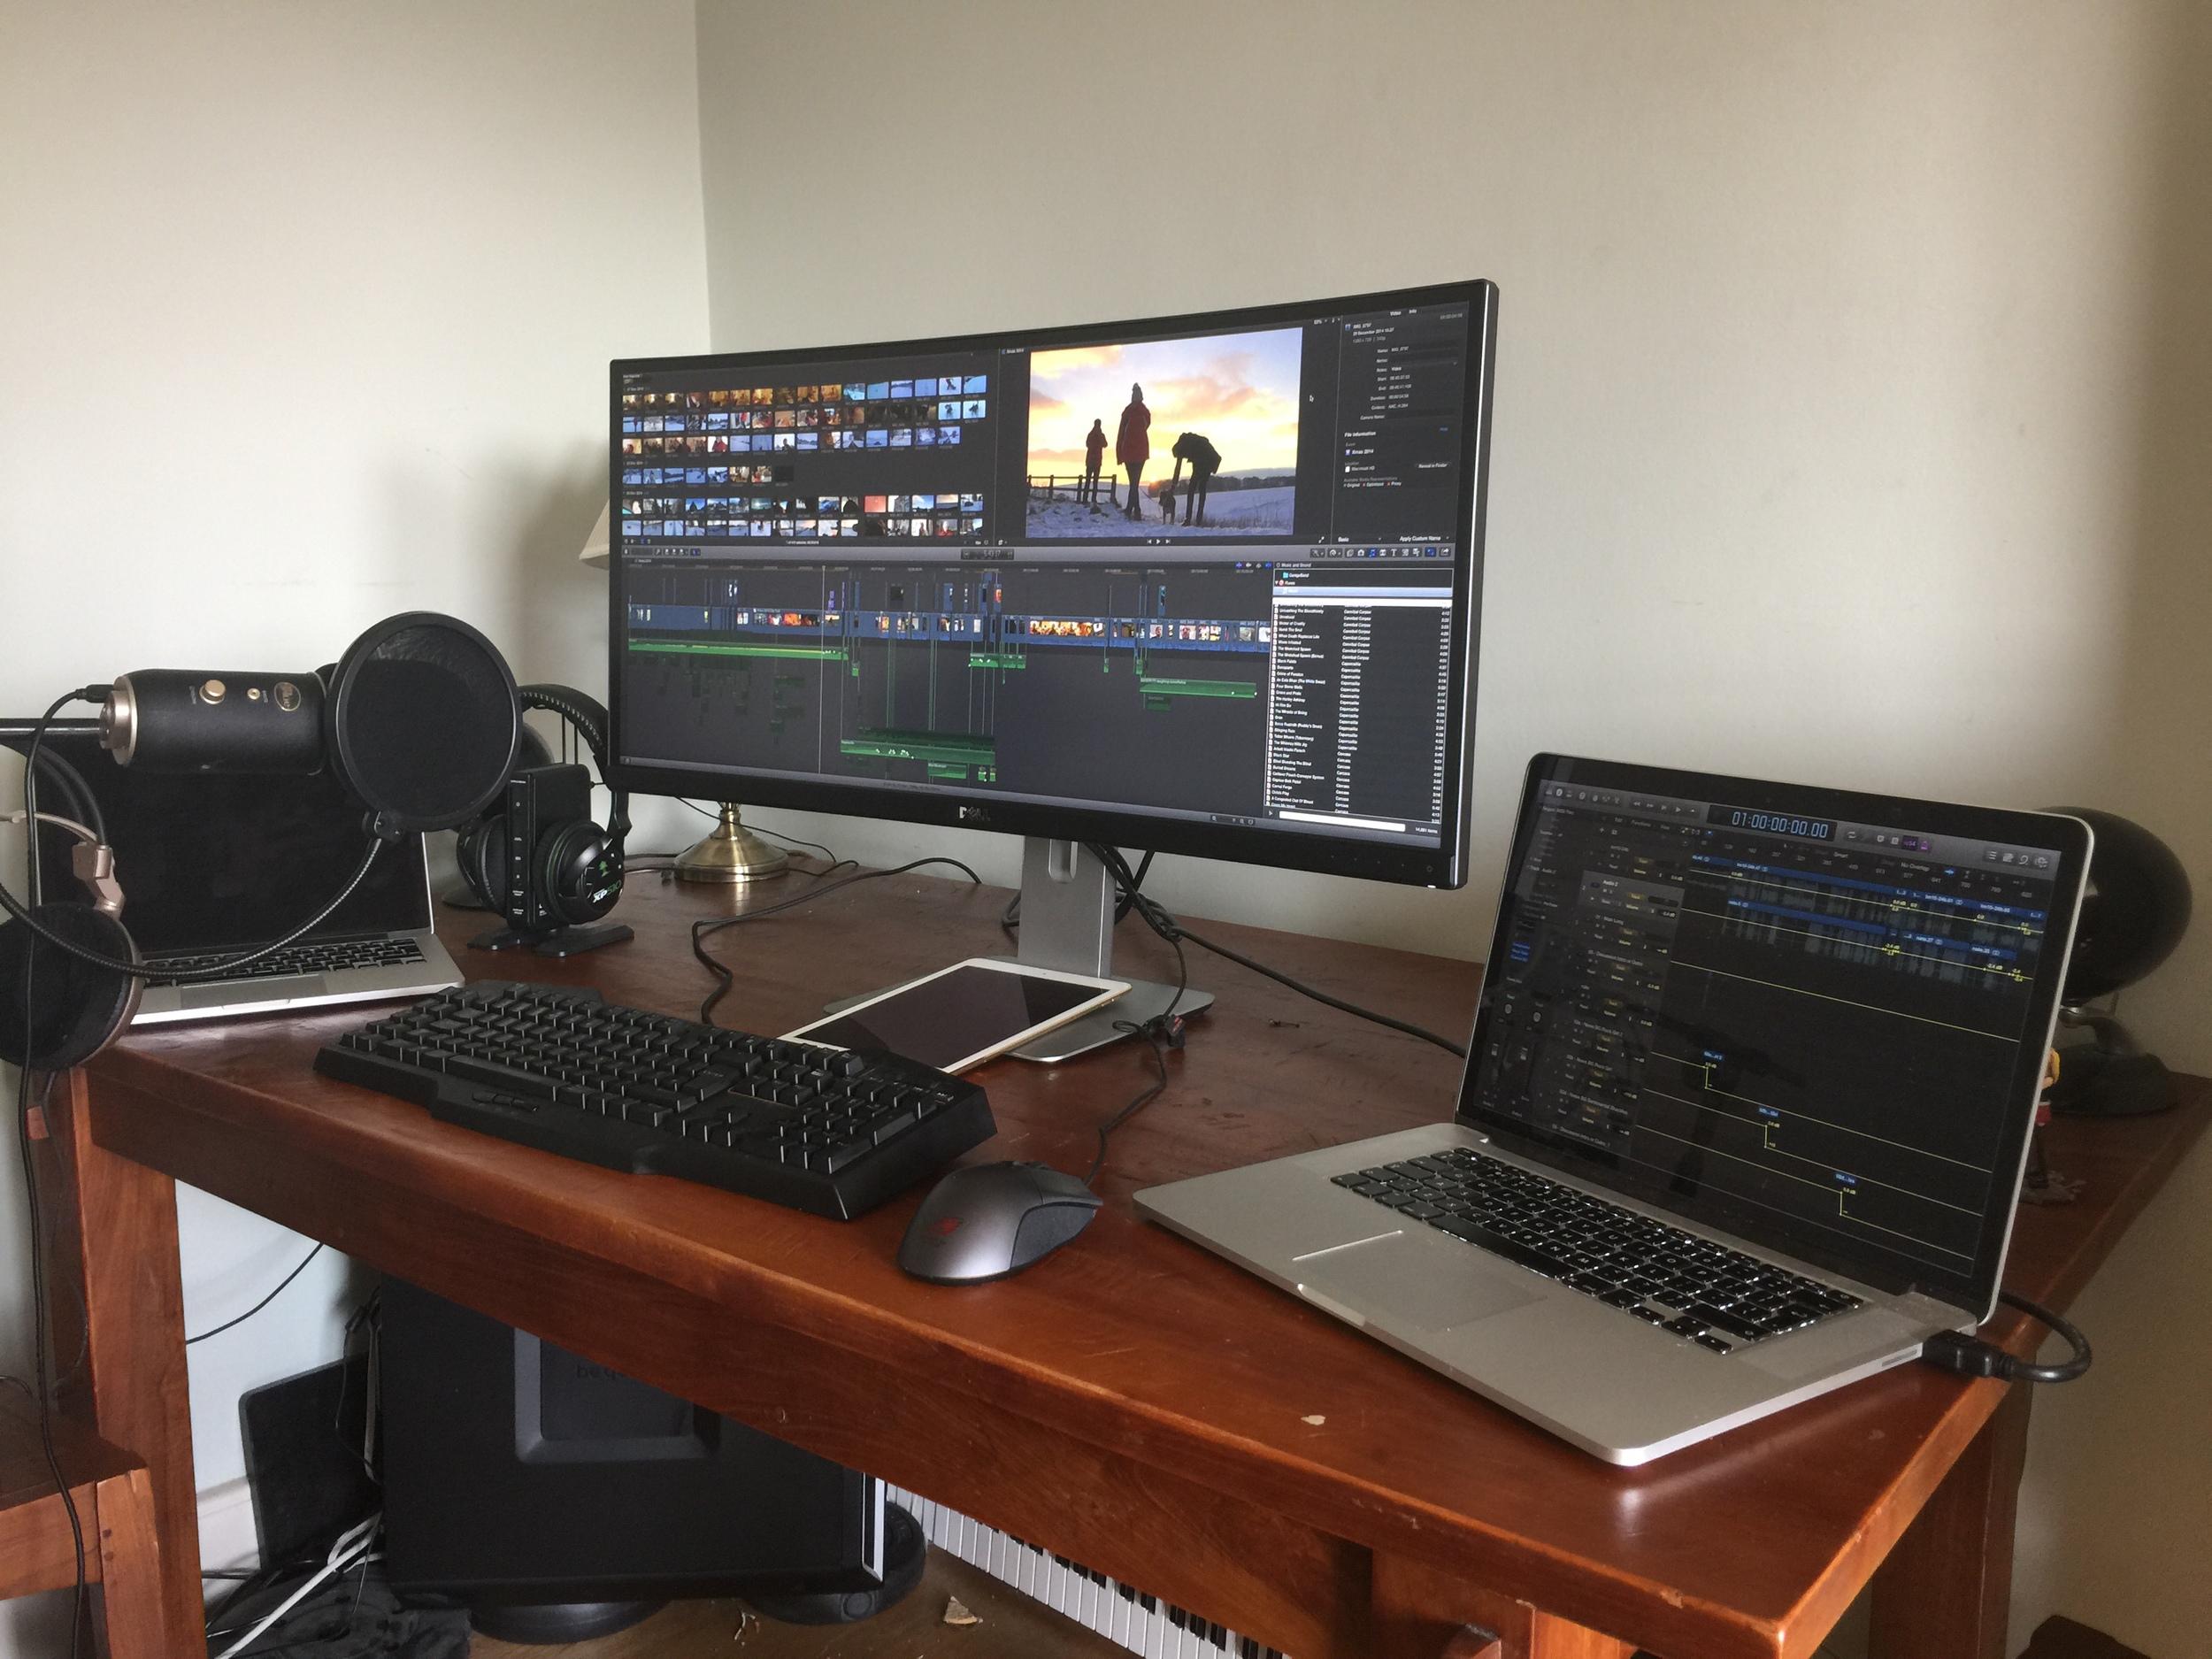 My editing and gaming setup